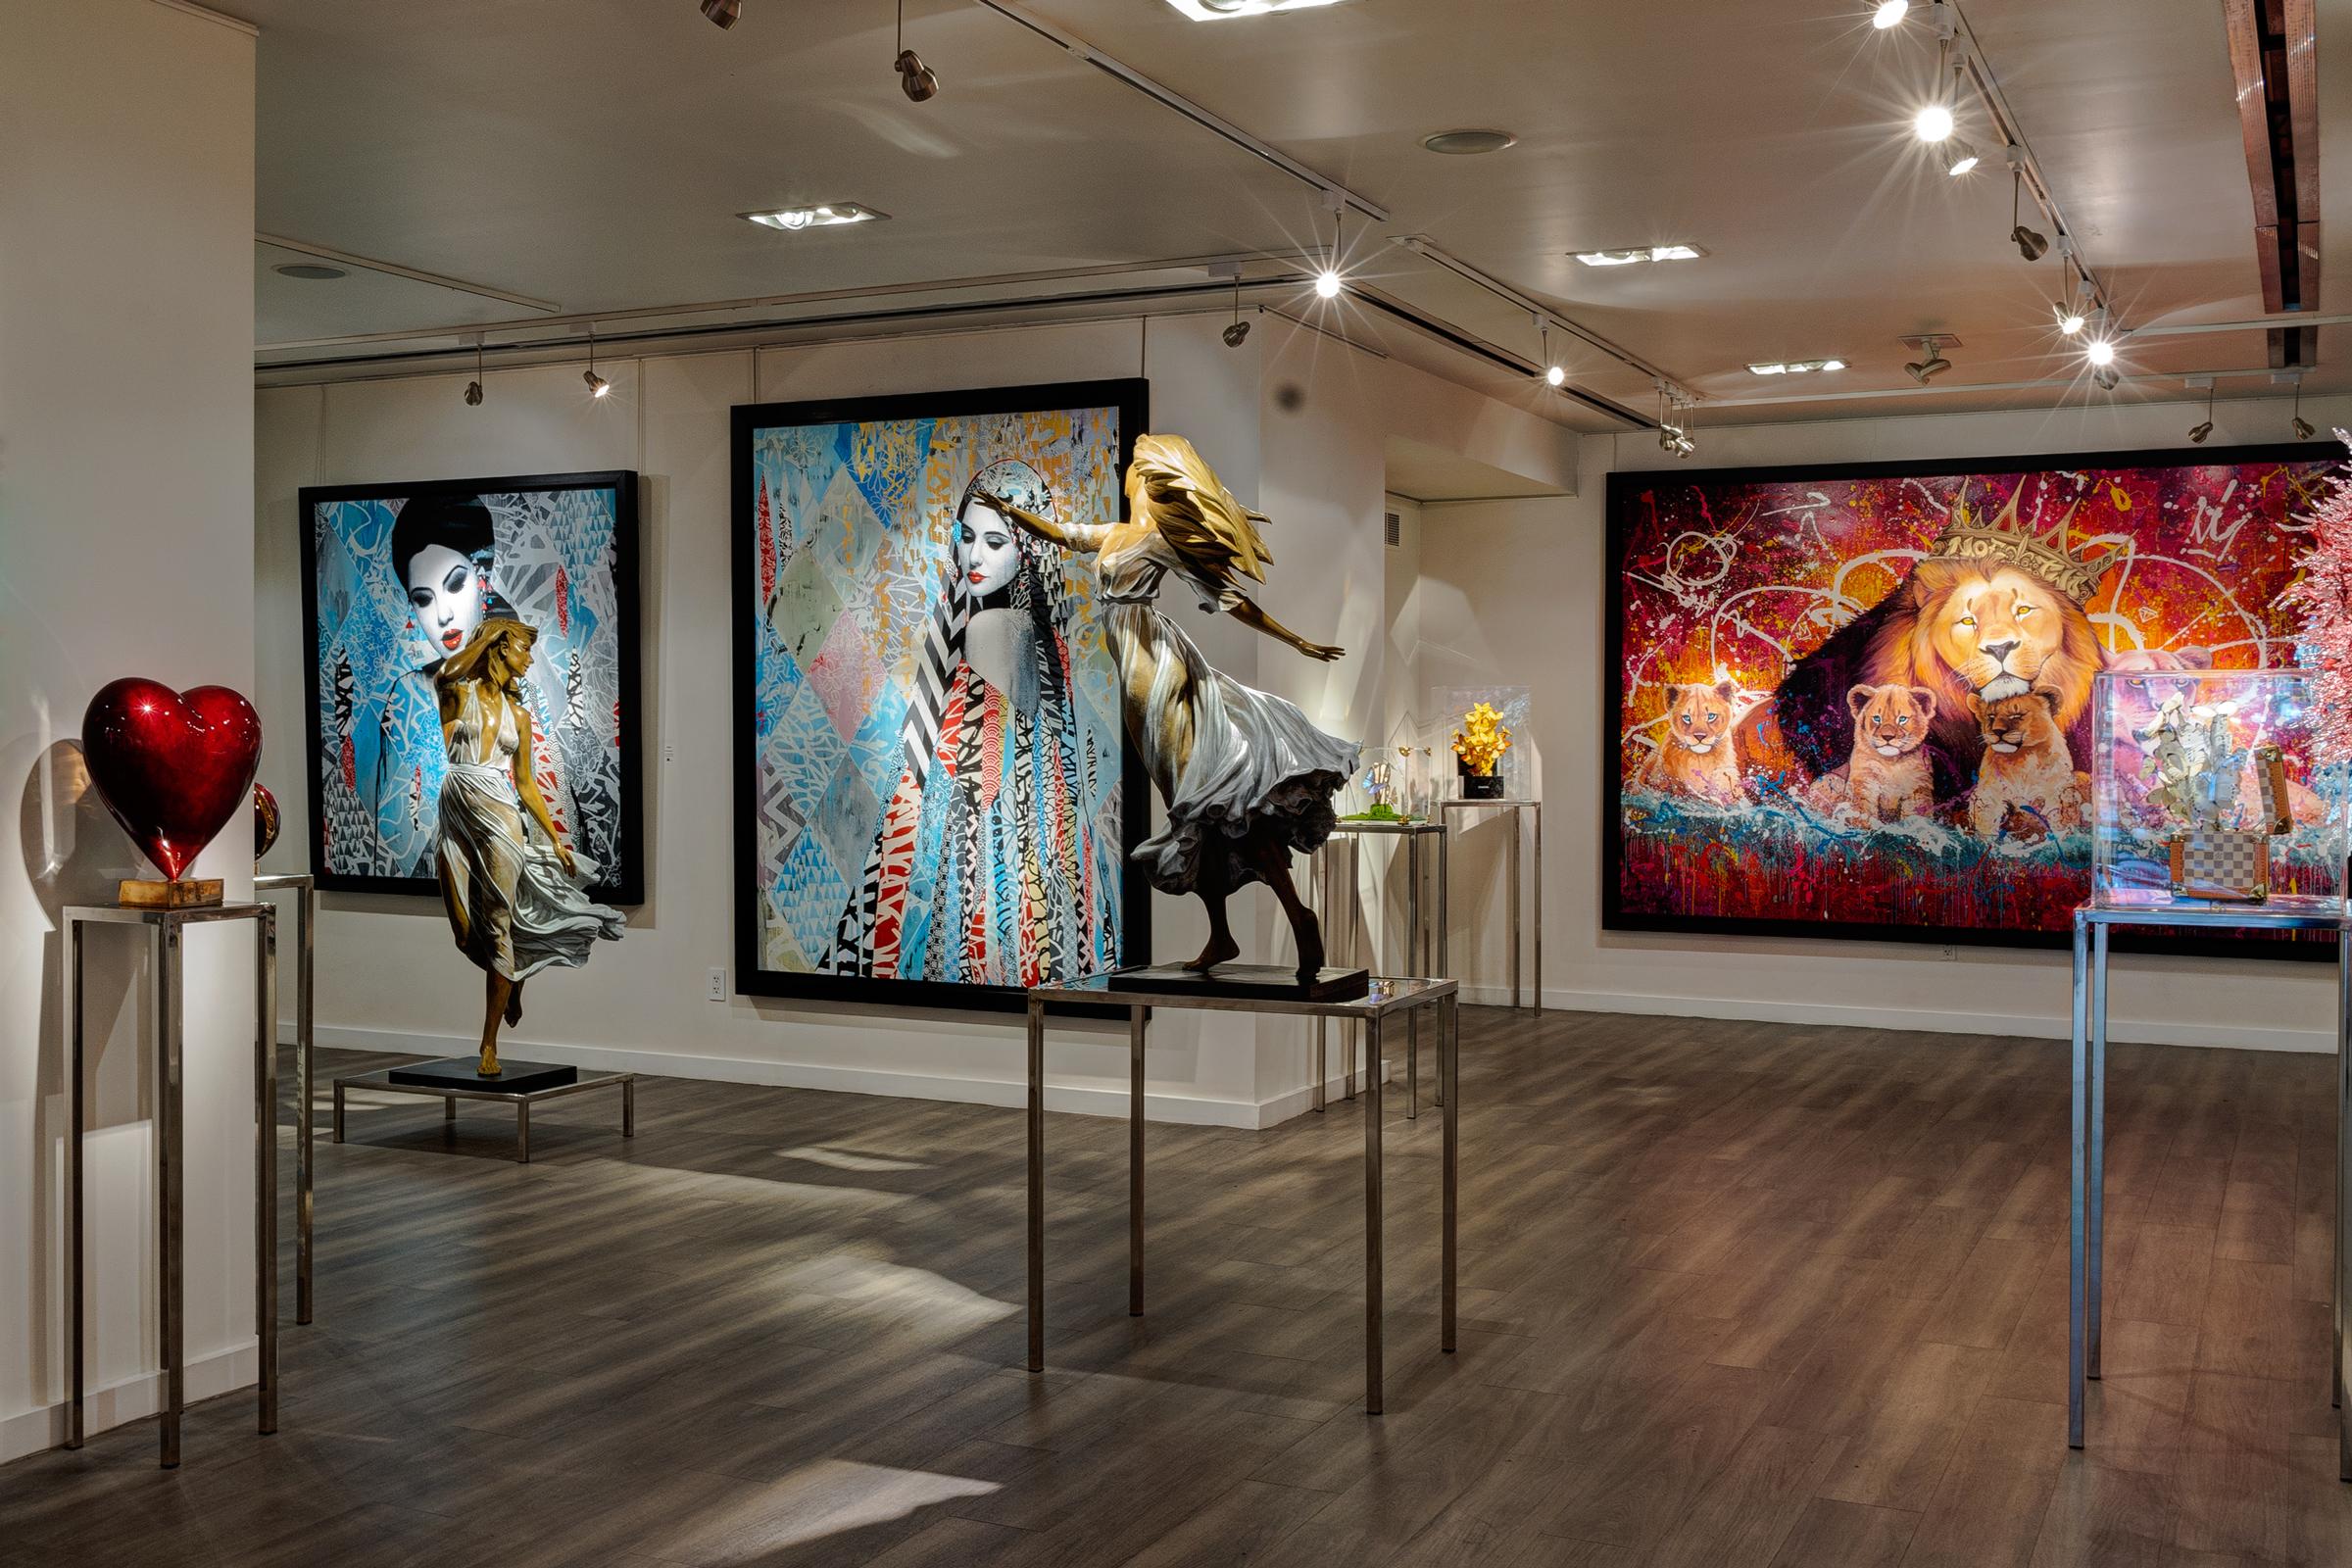 фото и видео съемка в интерьере картинной галереи в Нью-Йорке